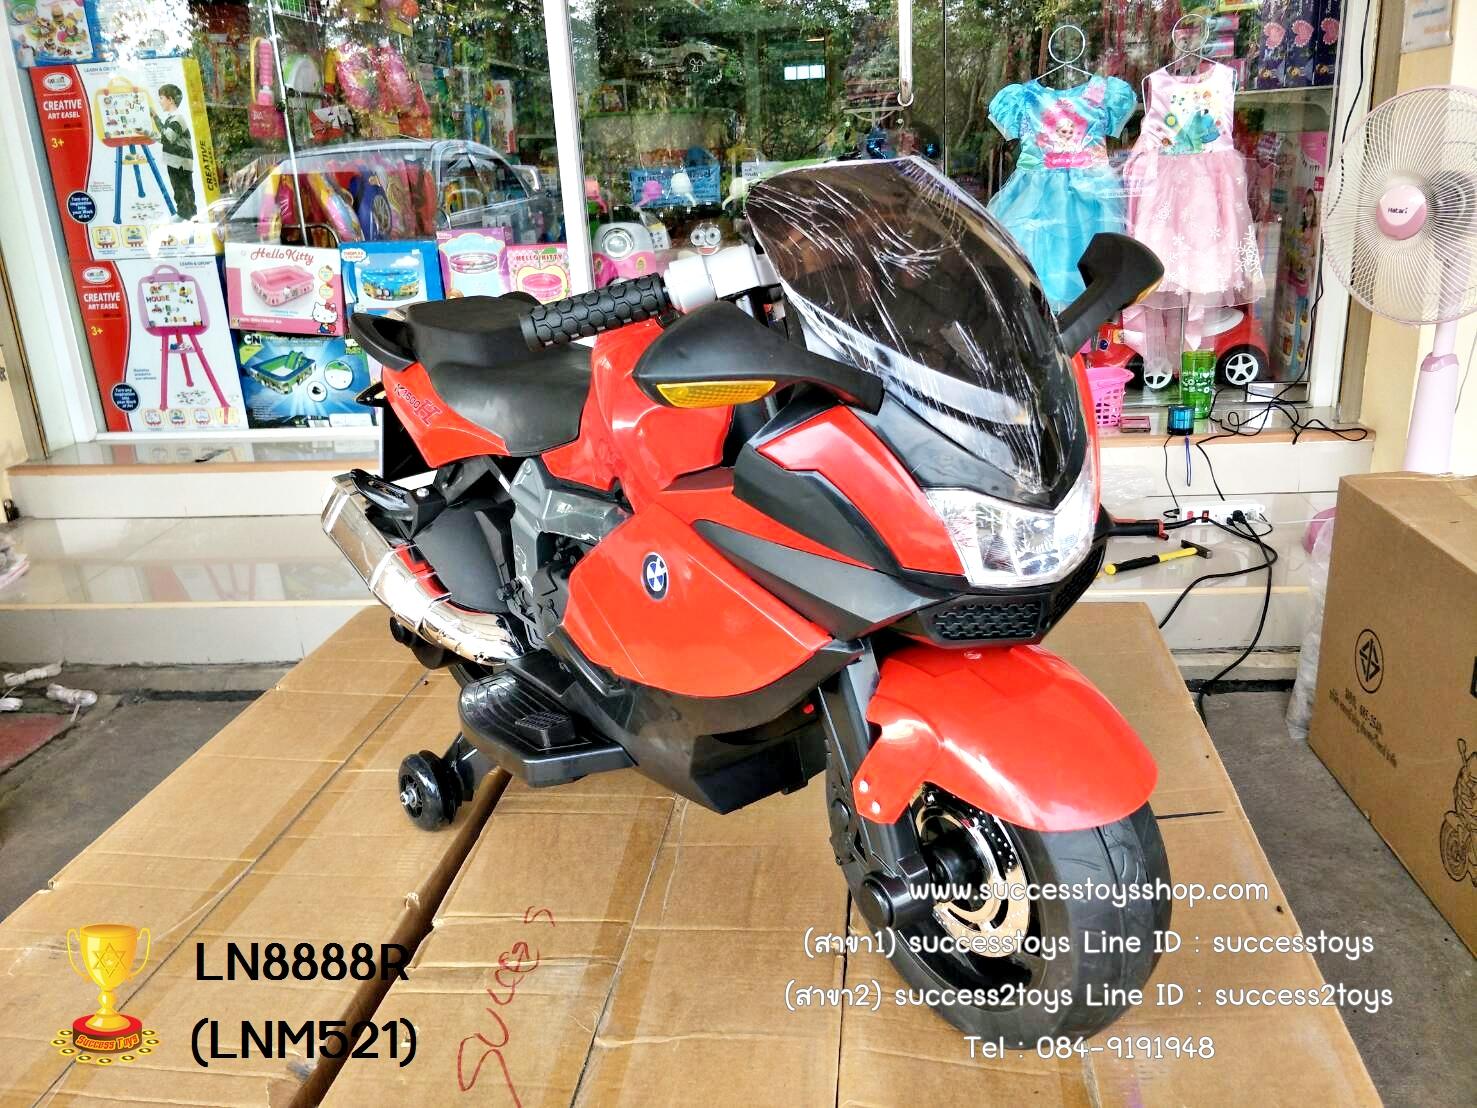 LNM8888R/LNM521